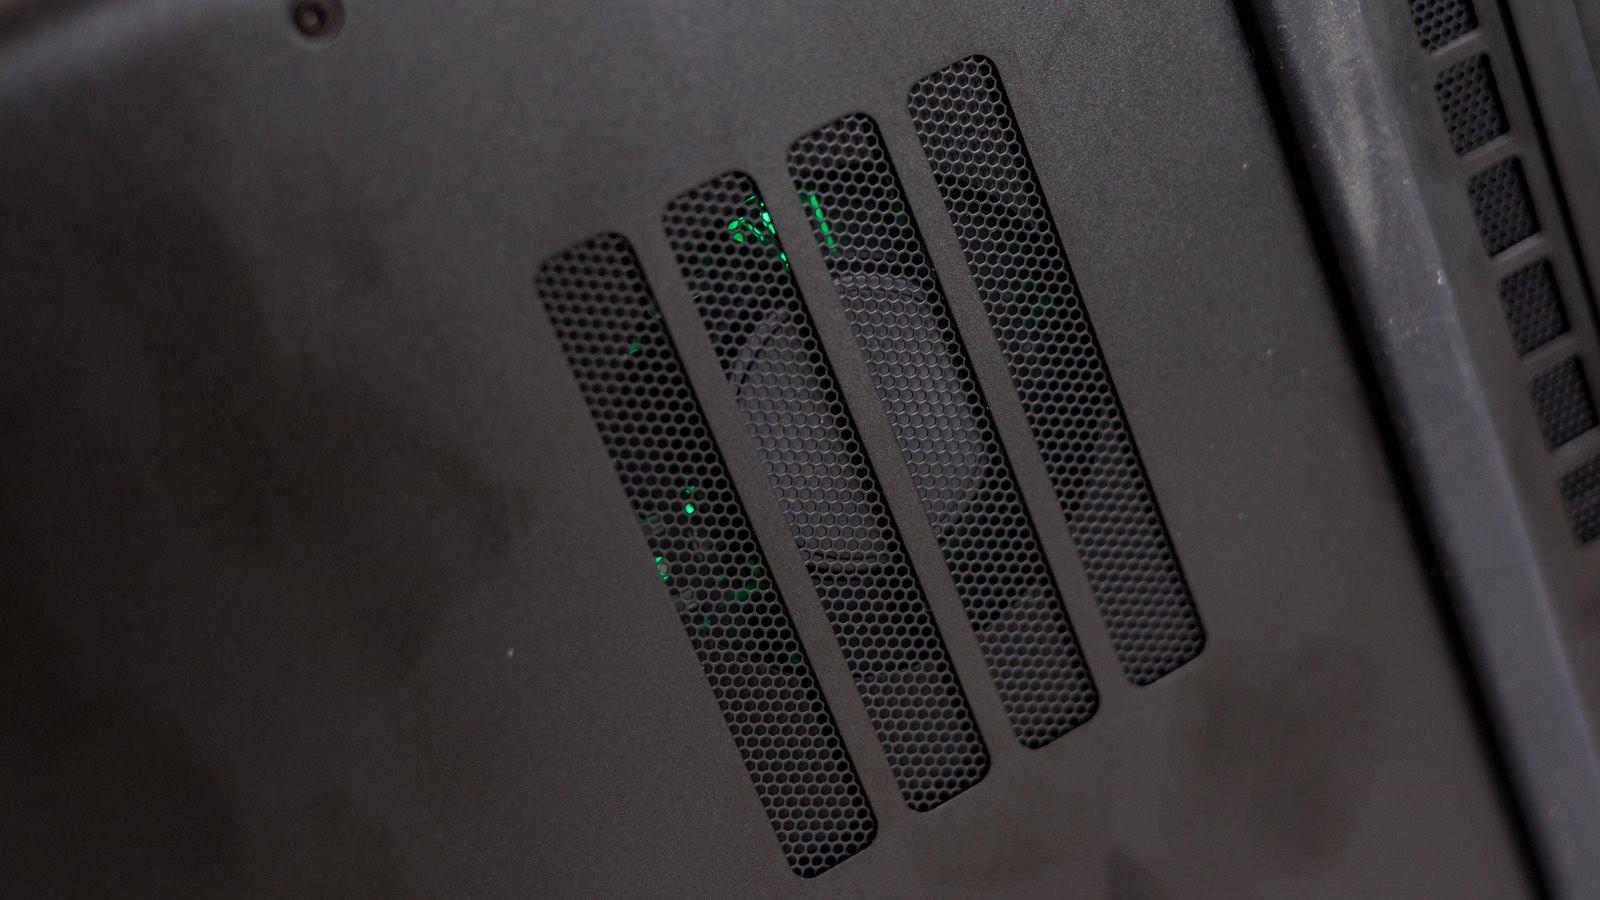 全新15.6 英寸 Razer Blade 雷蛇灵刃 评测